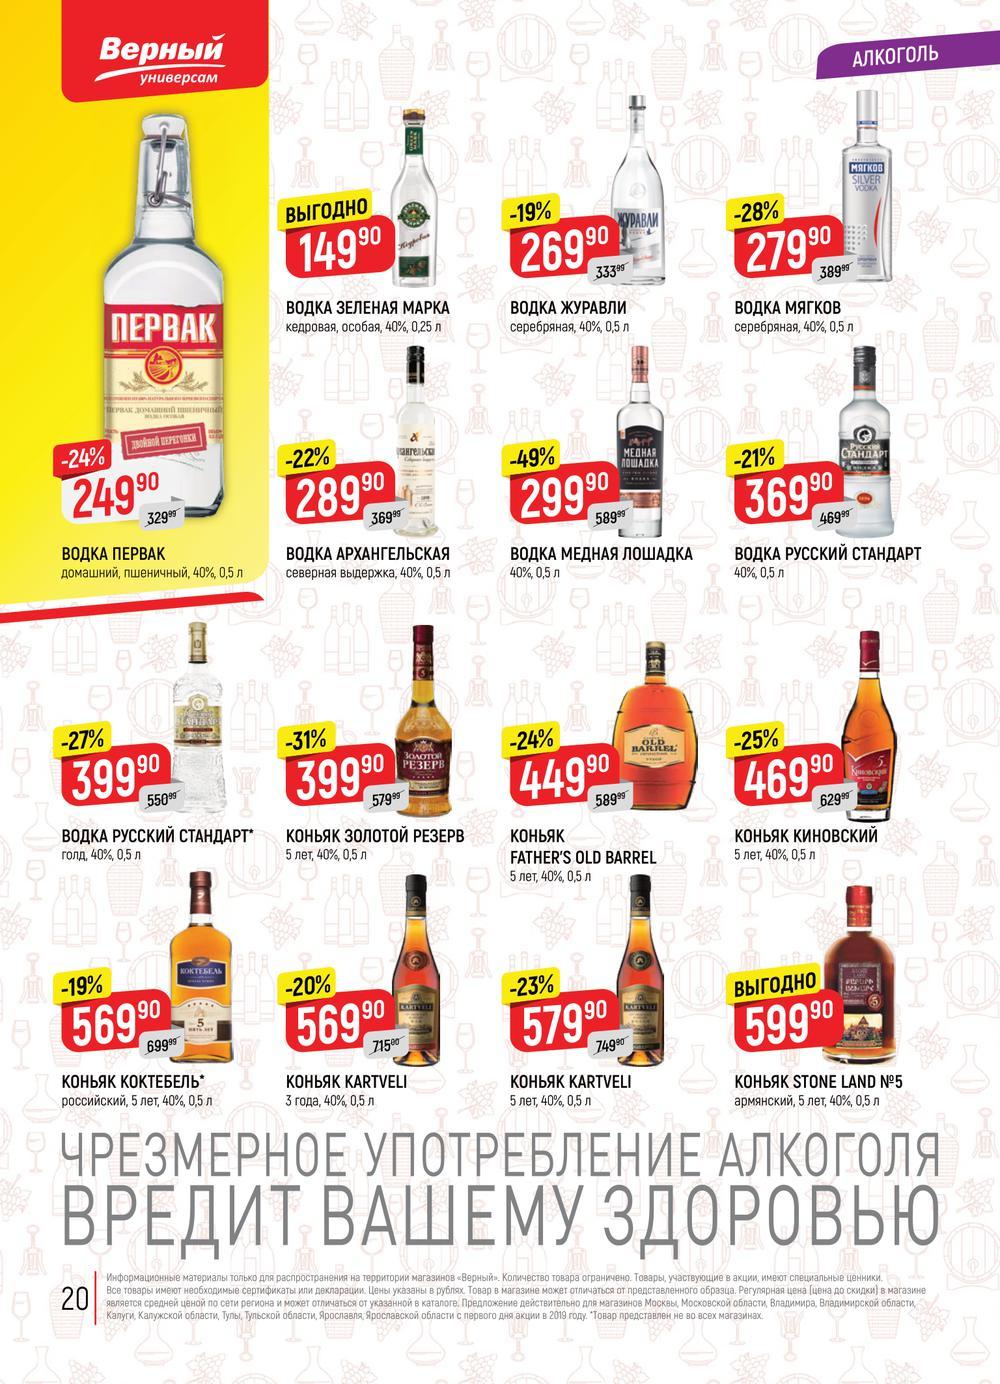 Акции в магазине Верный с 10 сентября 2019 года